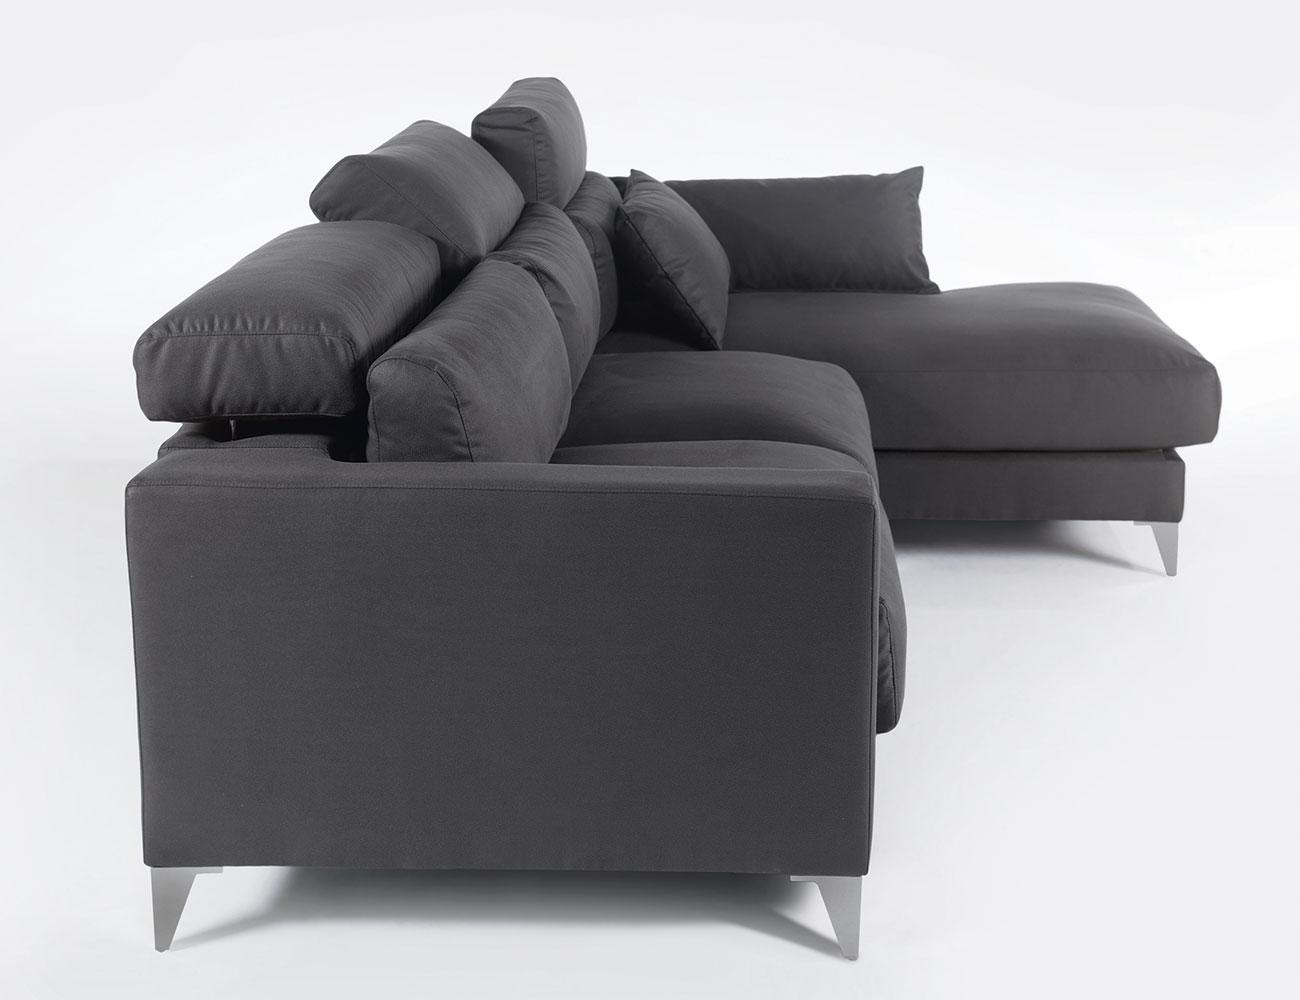 Sofa chaiselongue gran lujo decorativo grafito 17